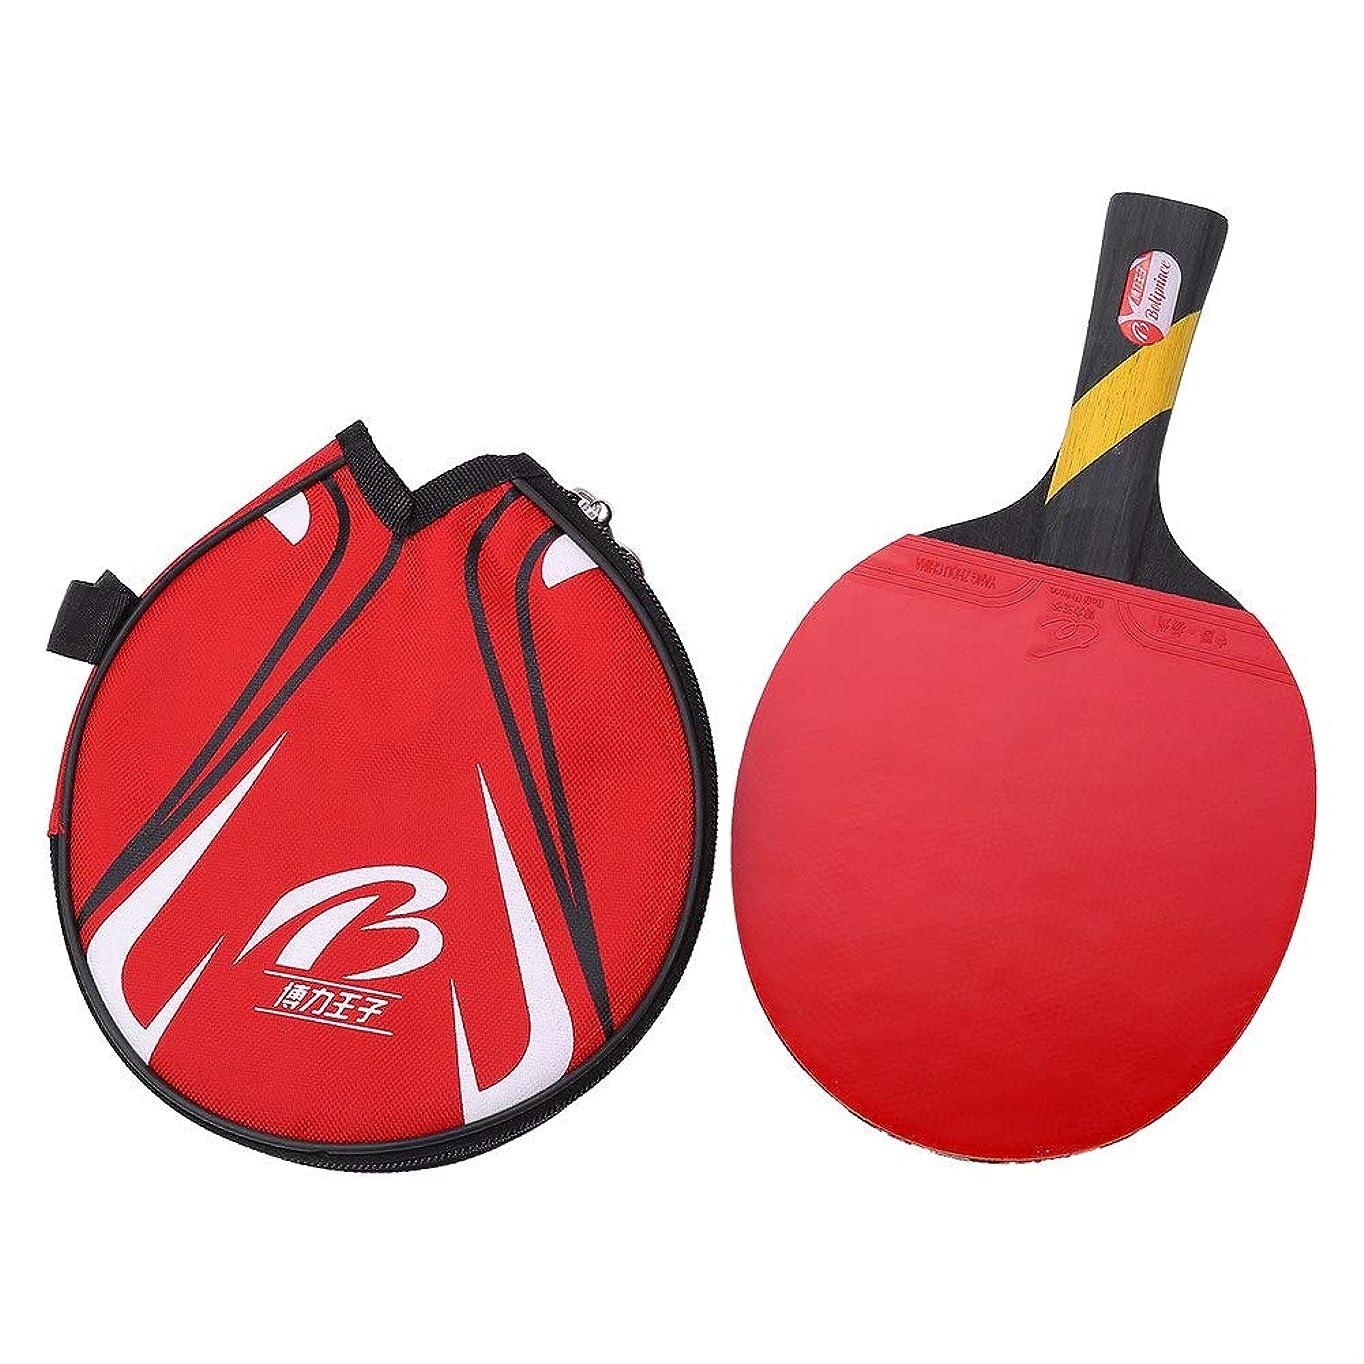 ロードされた警戒スパイOchun 卓球ラケット ラケット 卓球用 シェークハンドラケット 収納バッグ付き 競技専用 プロ 学生/運動者/素人/適用